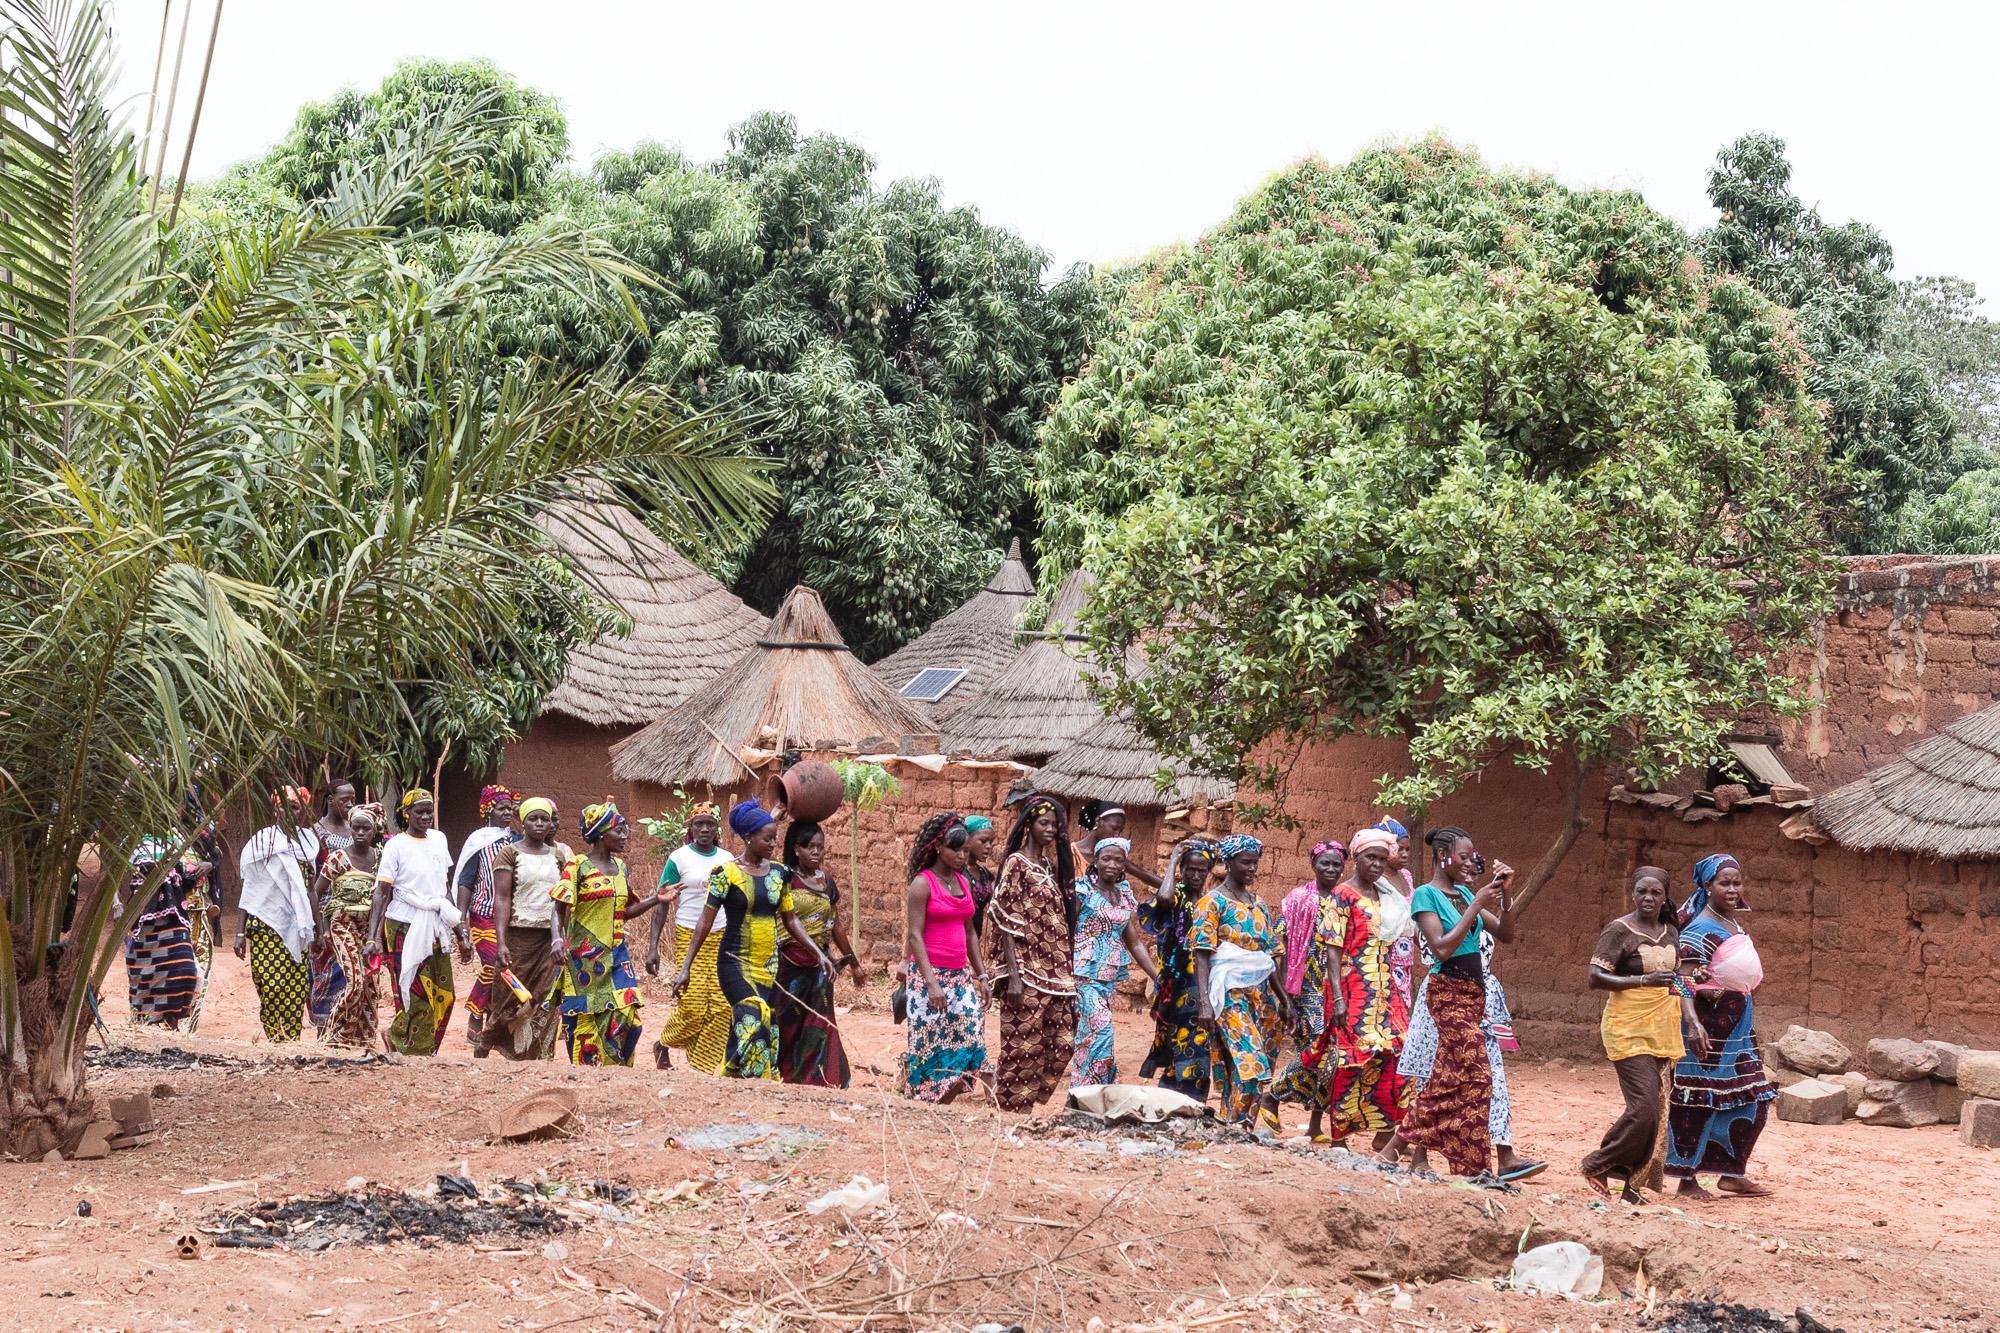 Procession de femmes se rendant à la fête du village vers Banfora, Burkina Faso